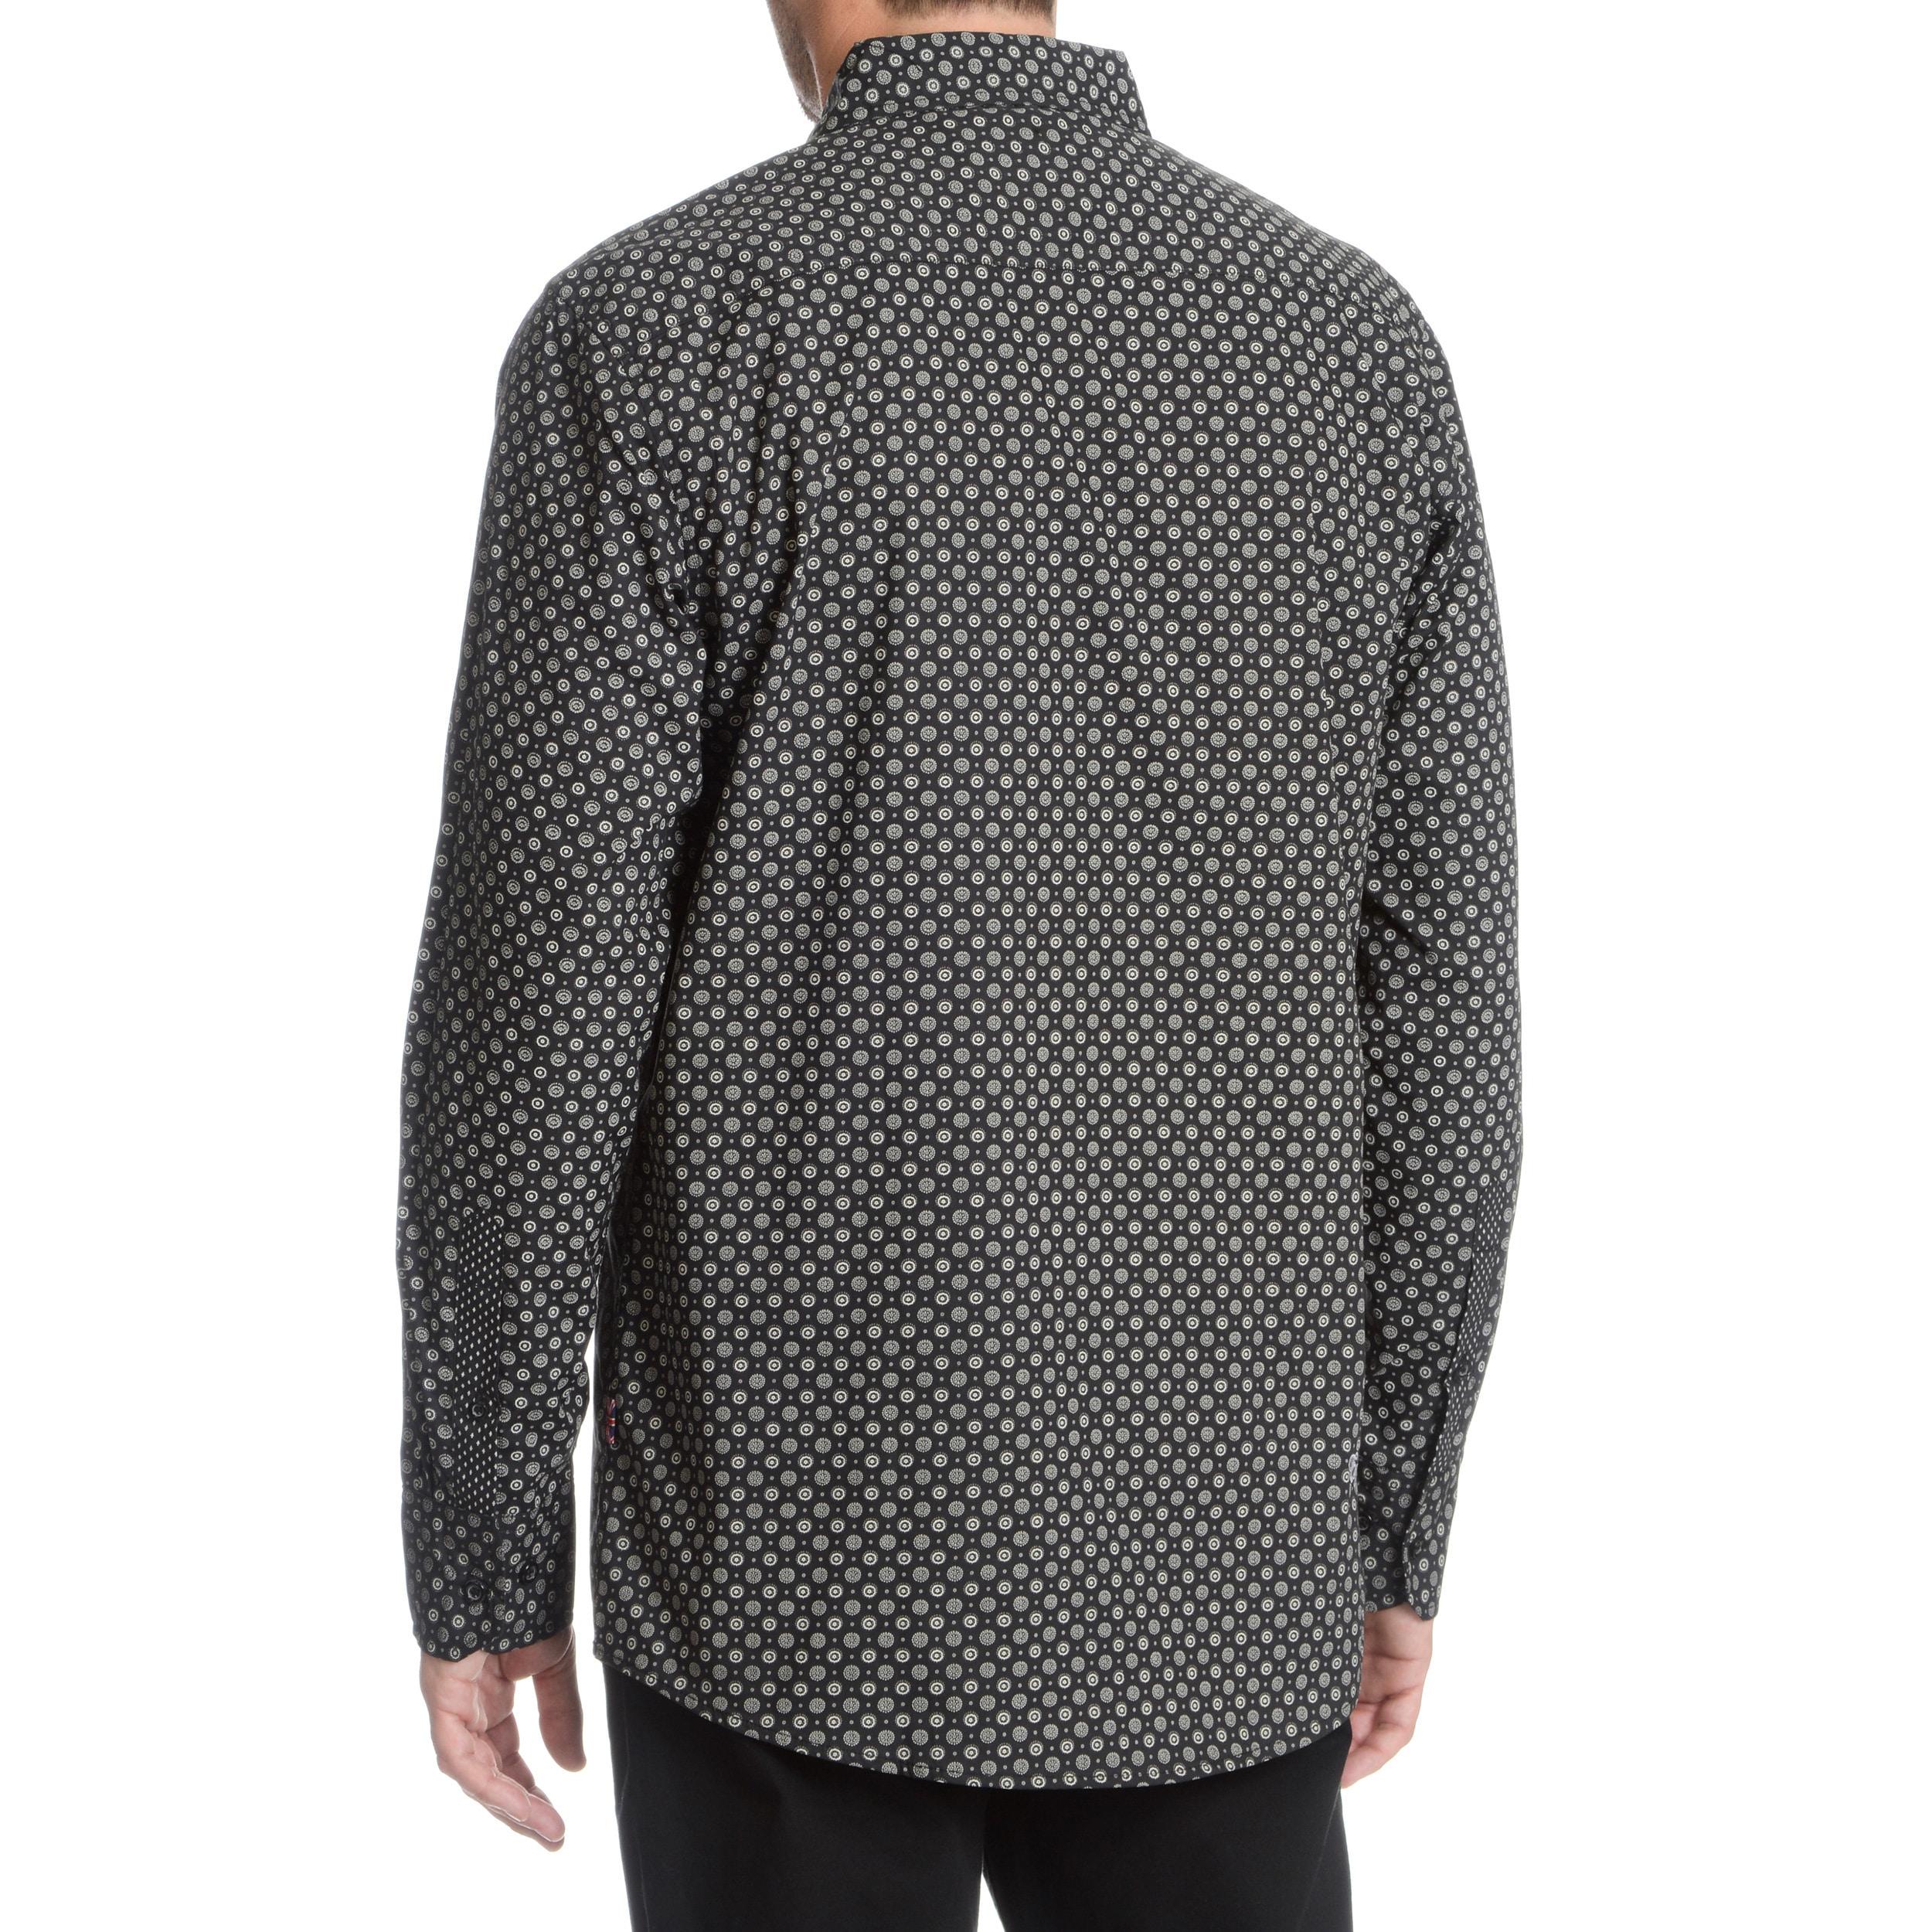 0d6a52395b English Laundry Dress Shirt French Cuff